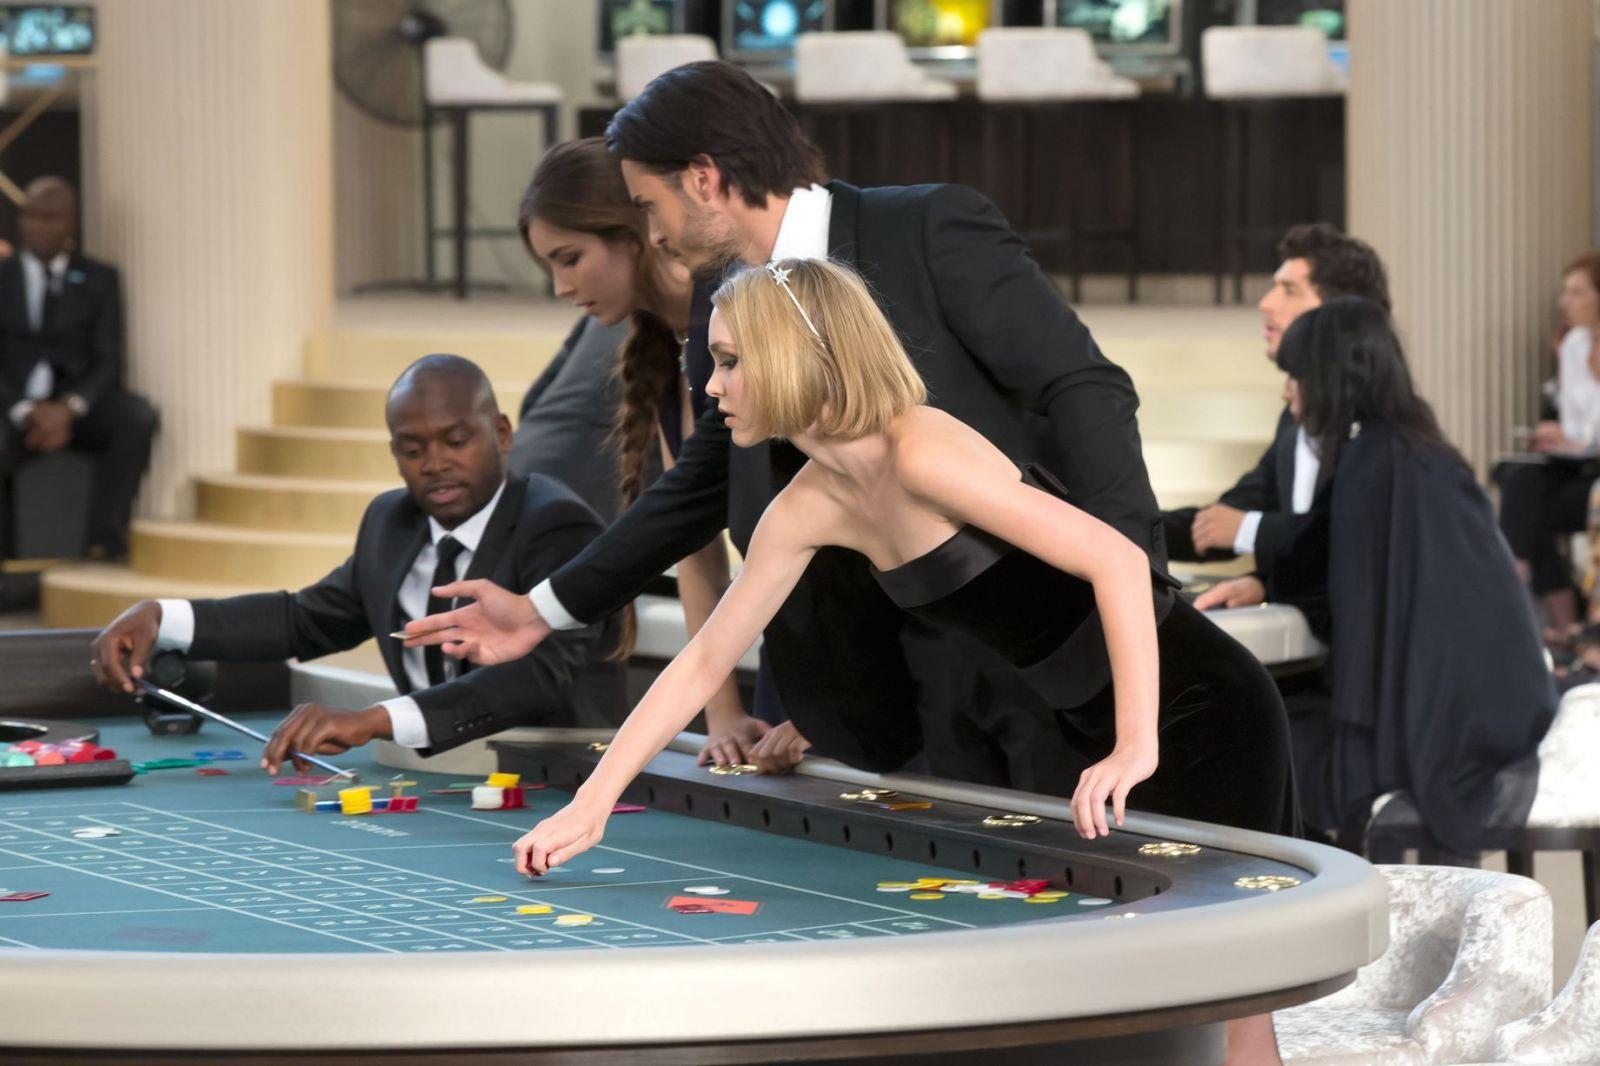 Джони казино кто крышует игровые автоматы хабаровск